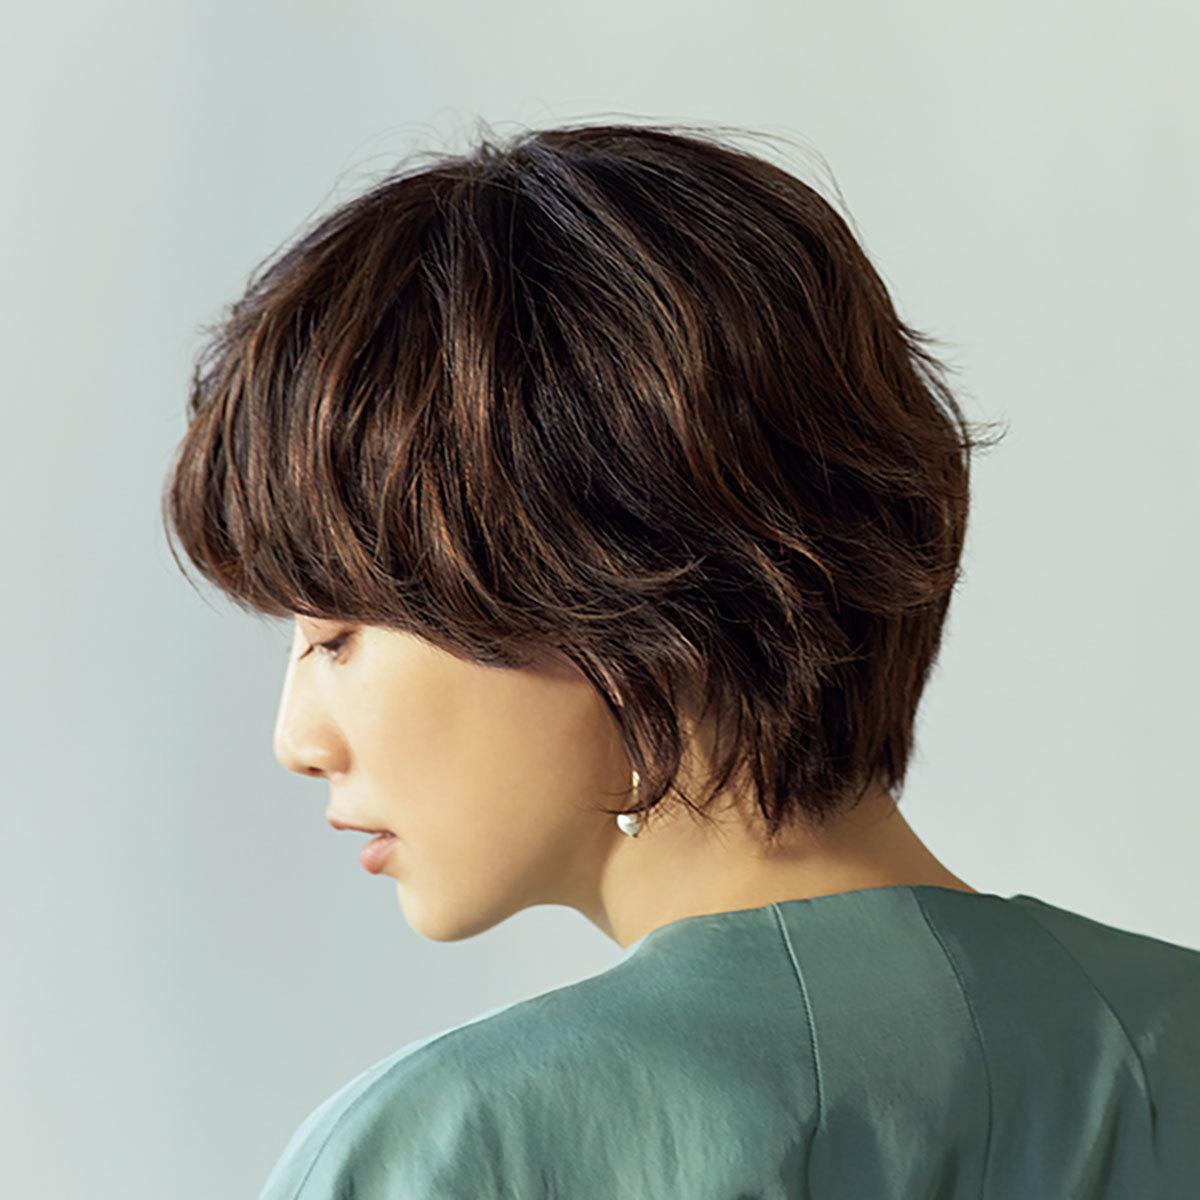 横から見た 人気ヘアスタイル2位の髪型